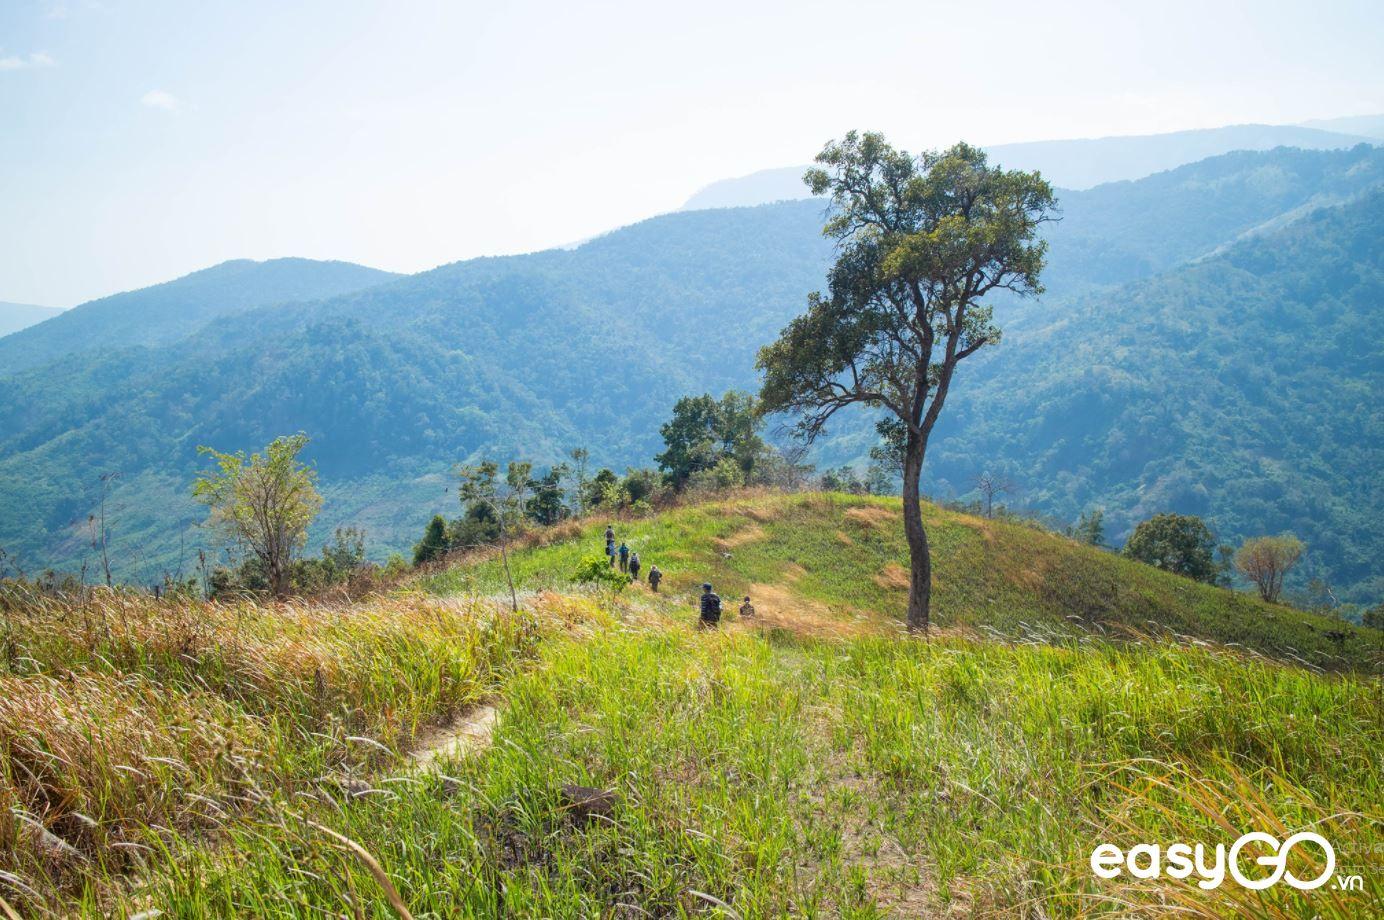 địa điểm du lịch Khánh Sơn